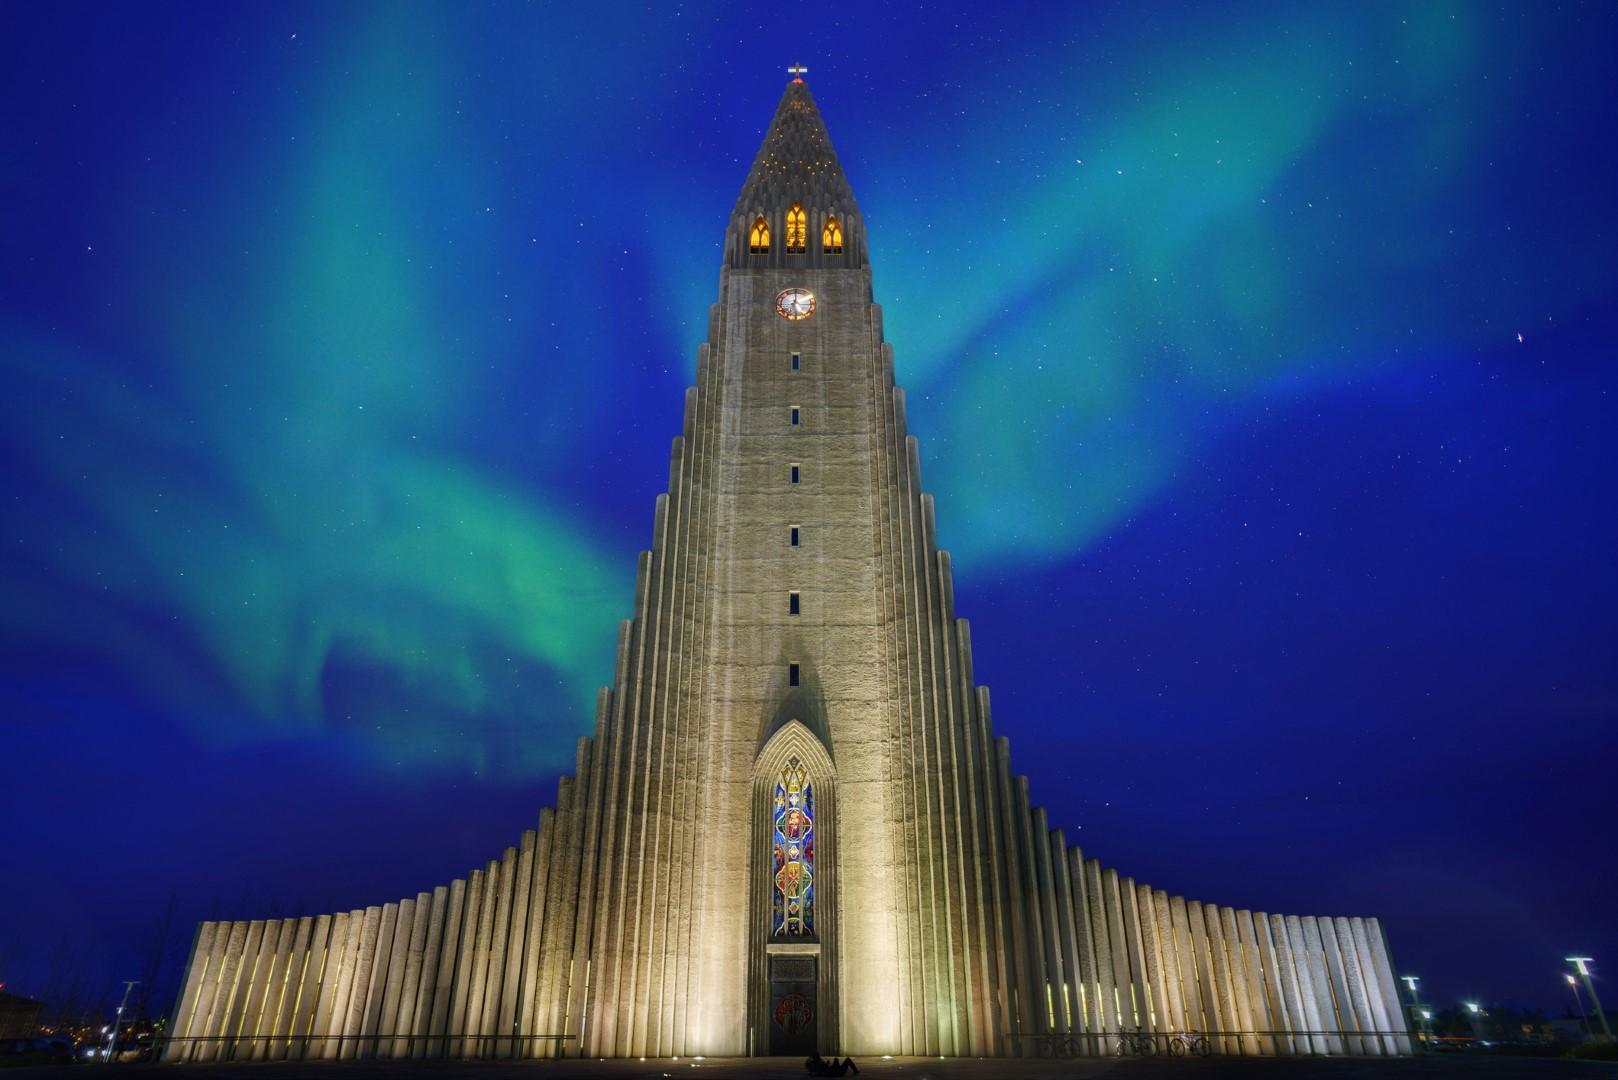 Chiese curiose: dieci cattedrali davvero speciali